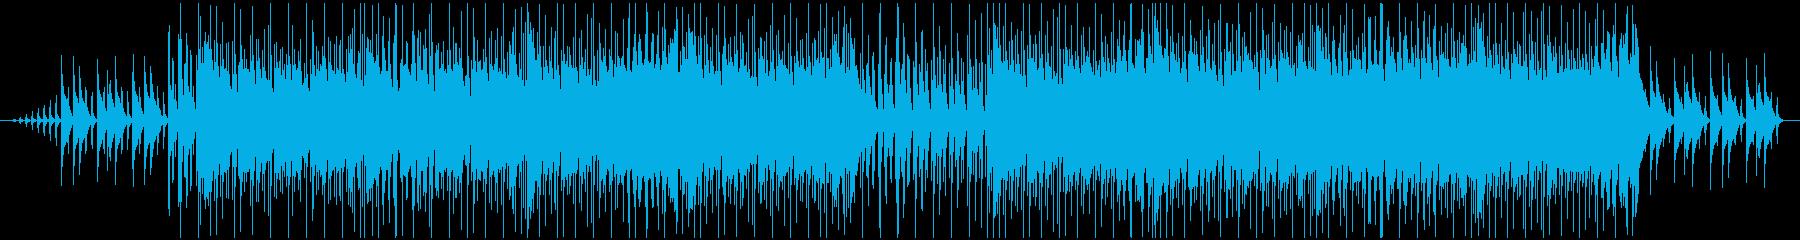 クリスマスの夜をイメージした曲の再生済みの波形